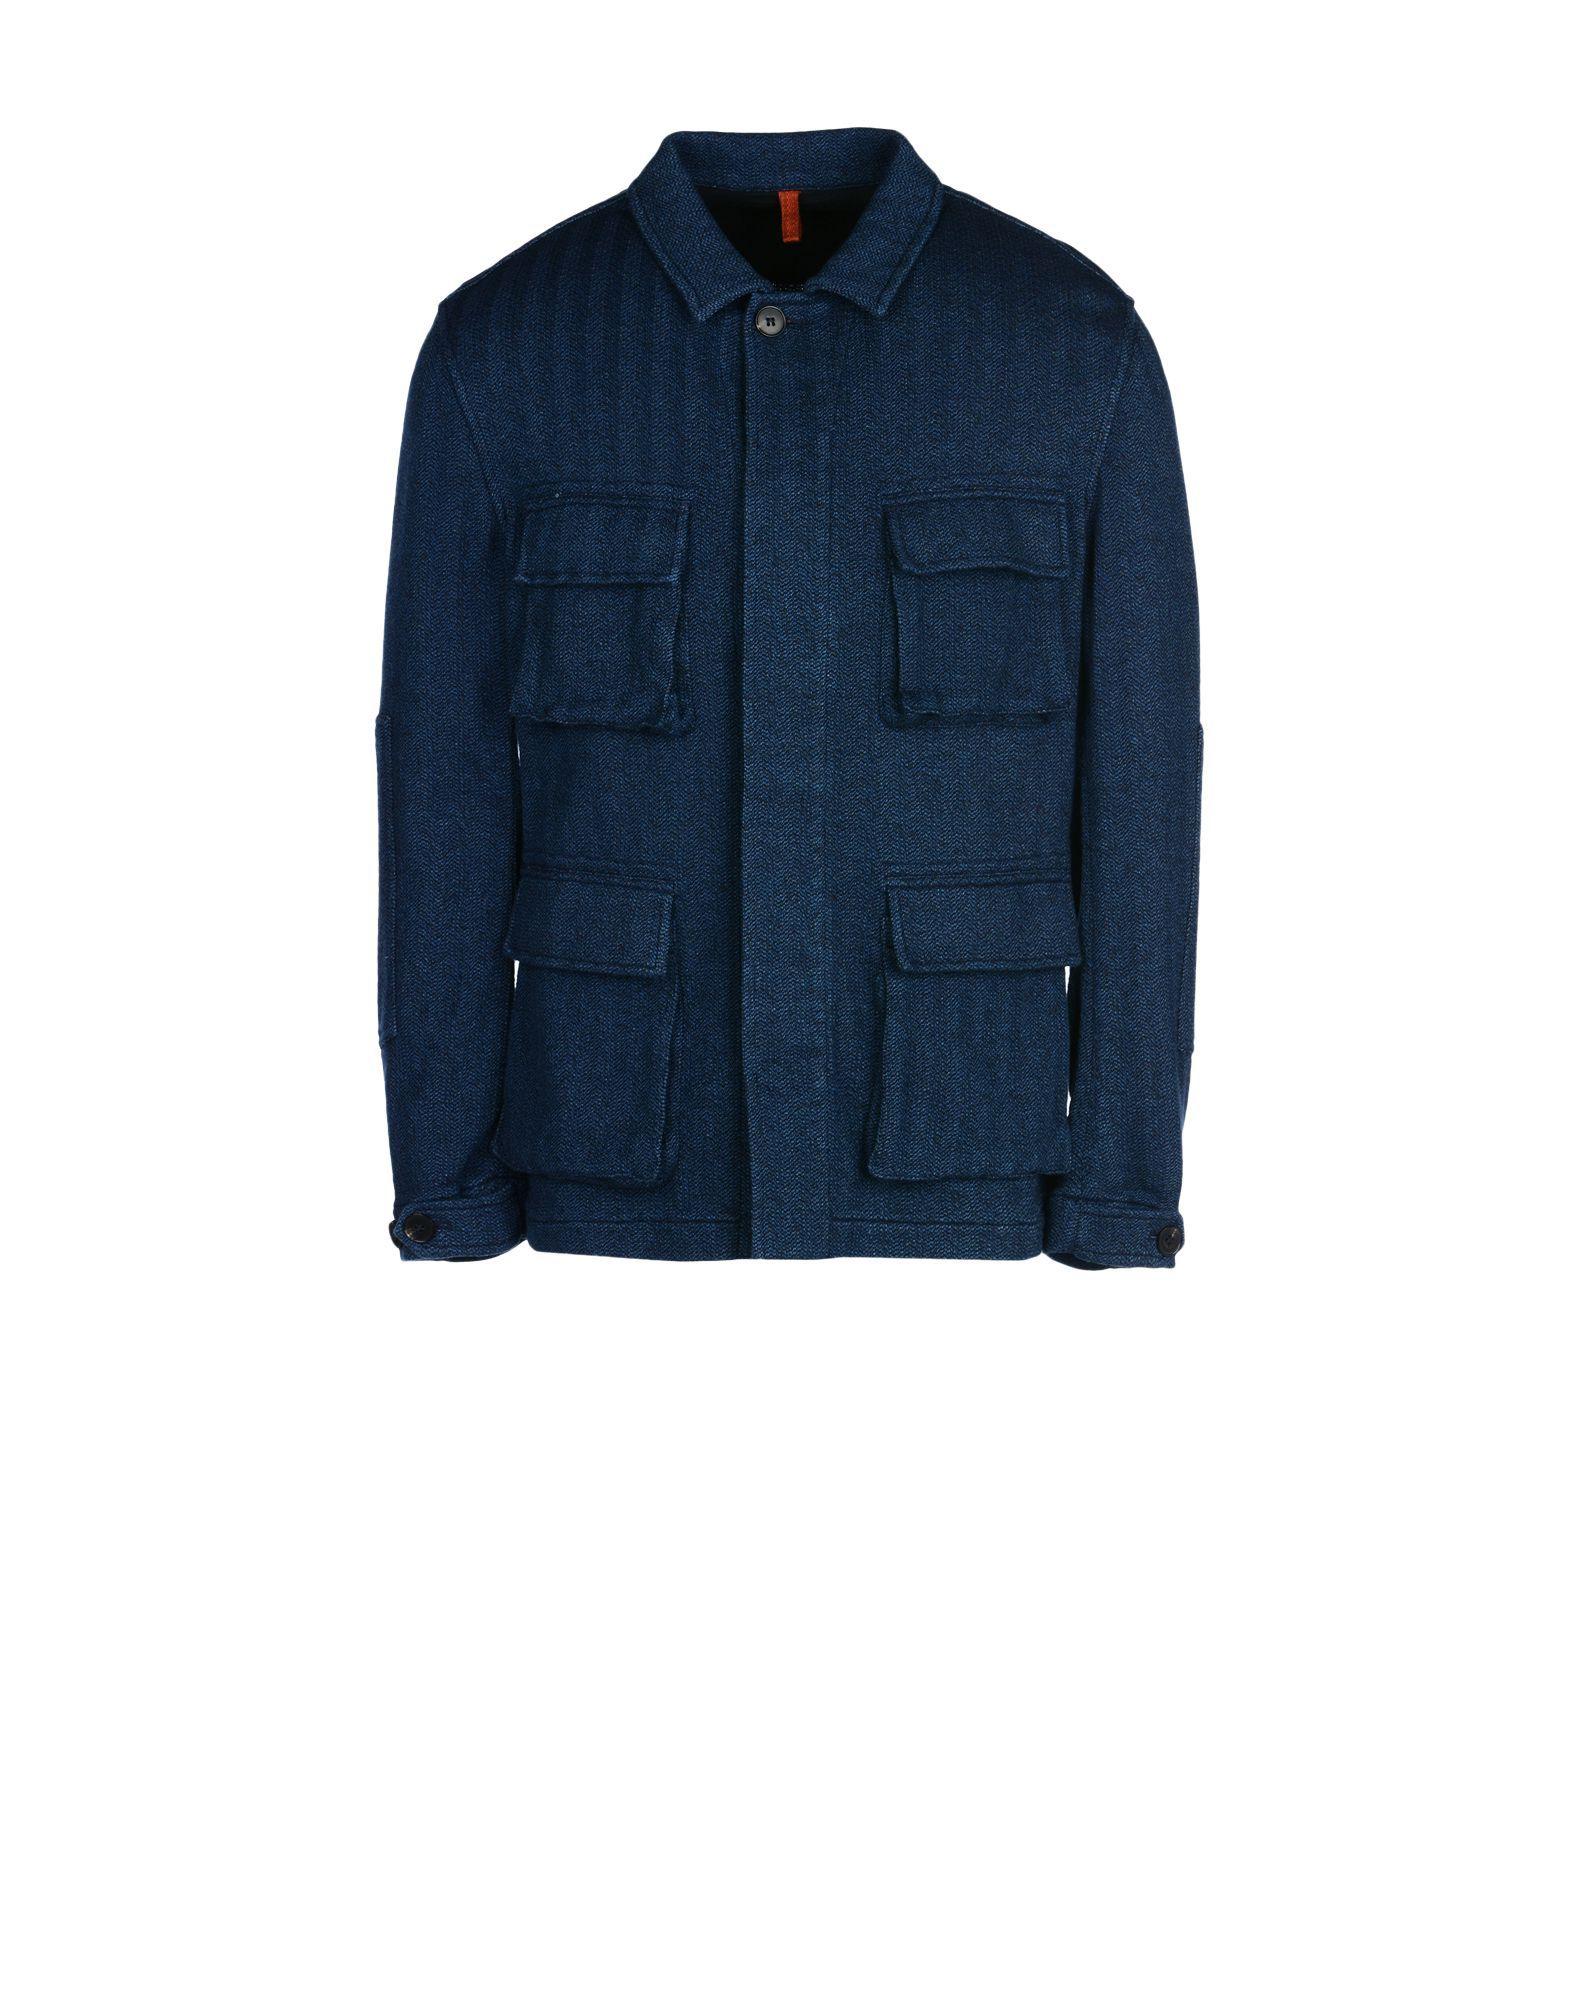 Jacket Spring Summer 16 MEN Winter jackets, Jackets